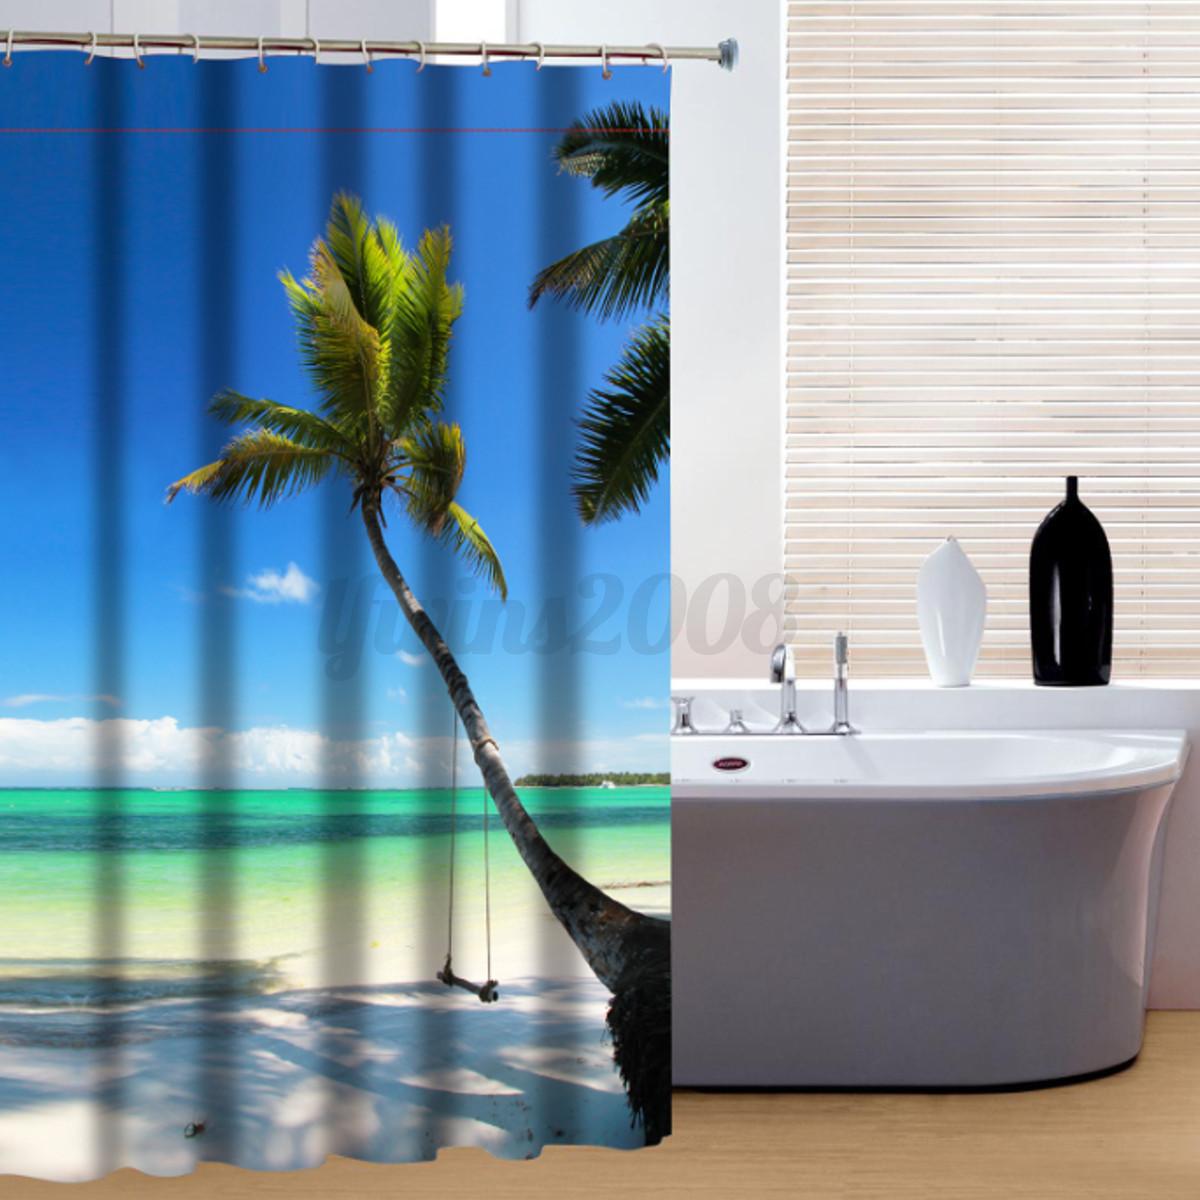 duschvorhang textil wannenvorhang badewannenvorhang. Black Bedroom Furniture Sets. Home Design Ideas